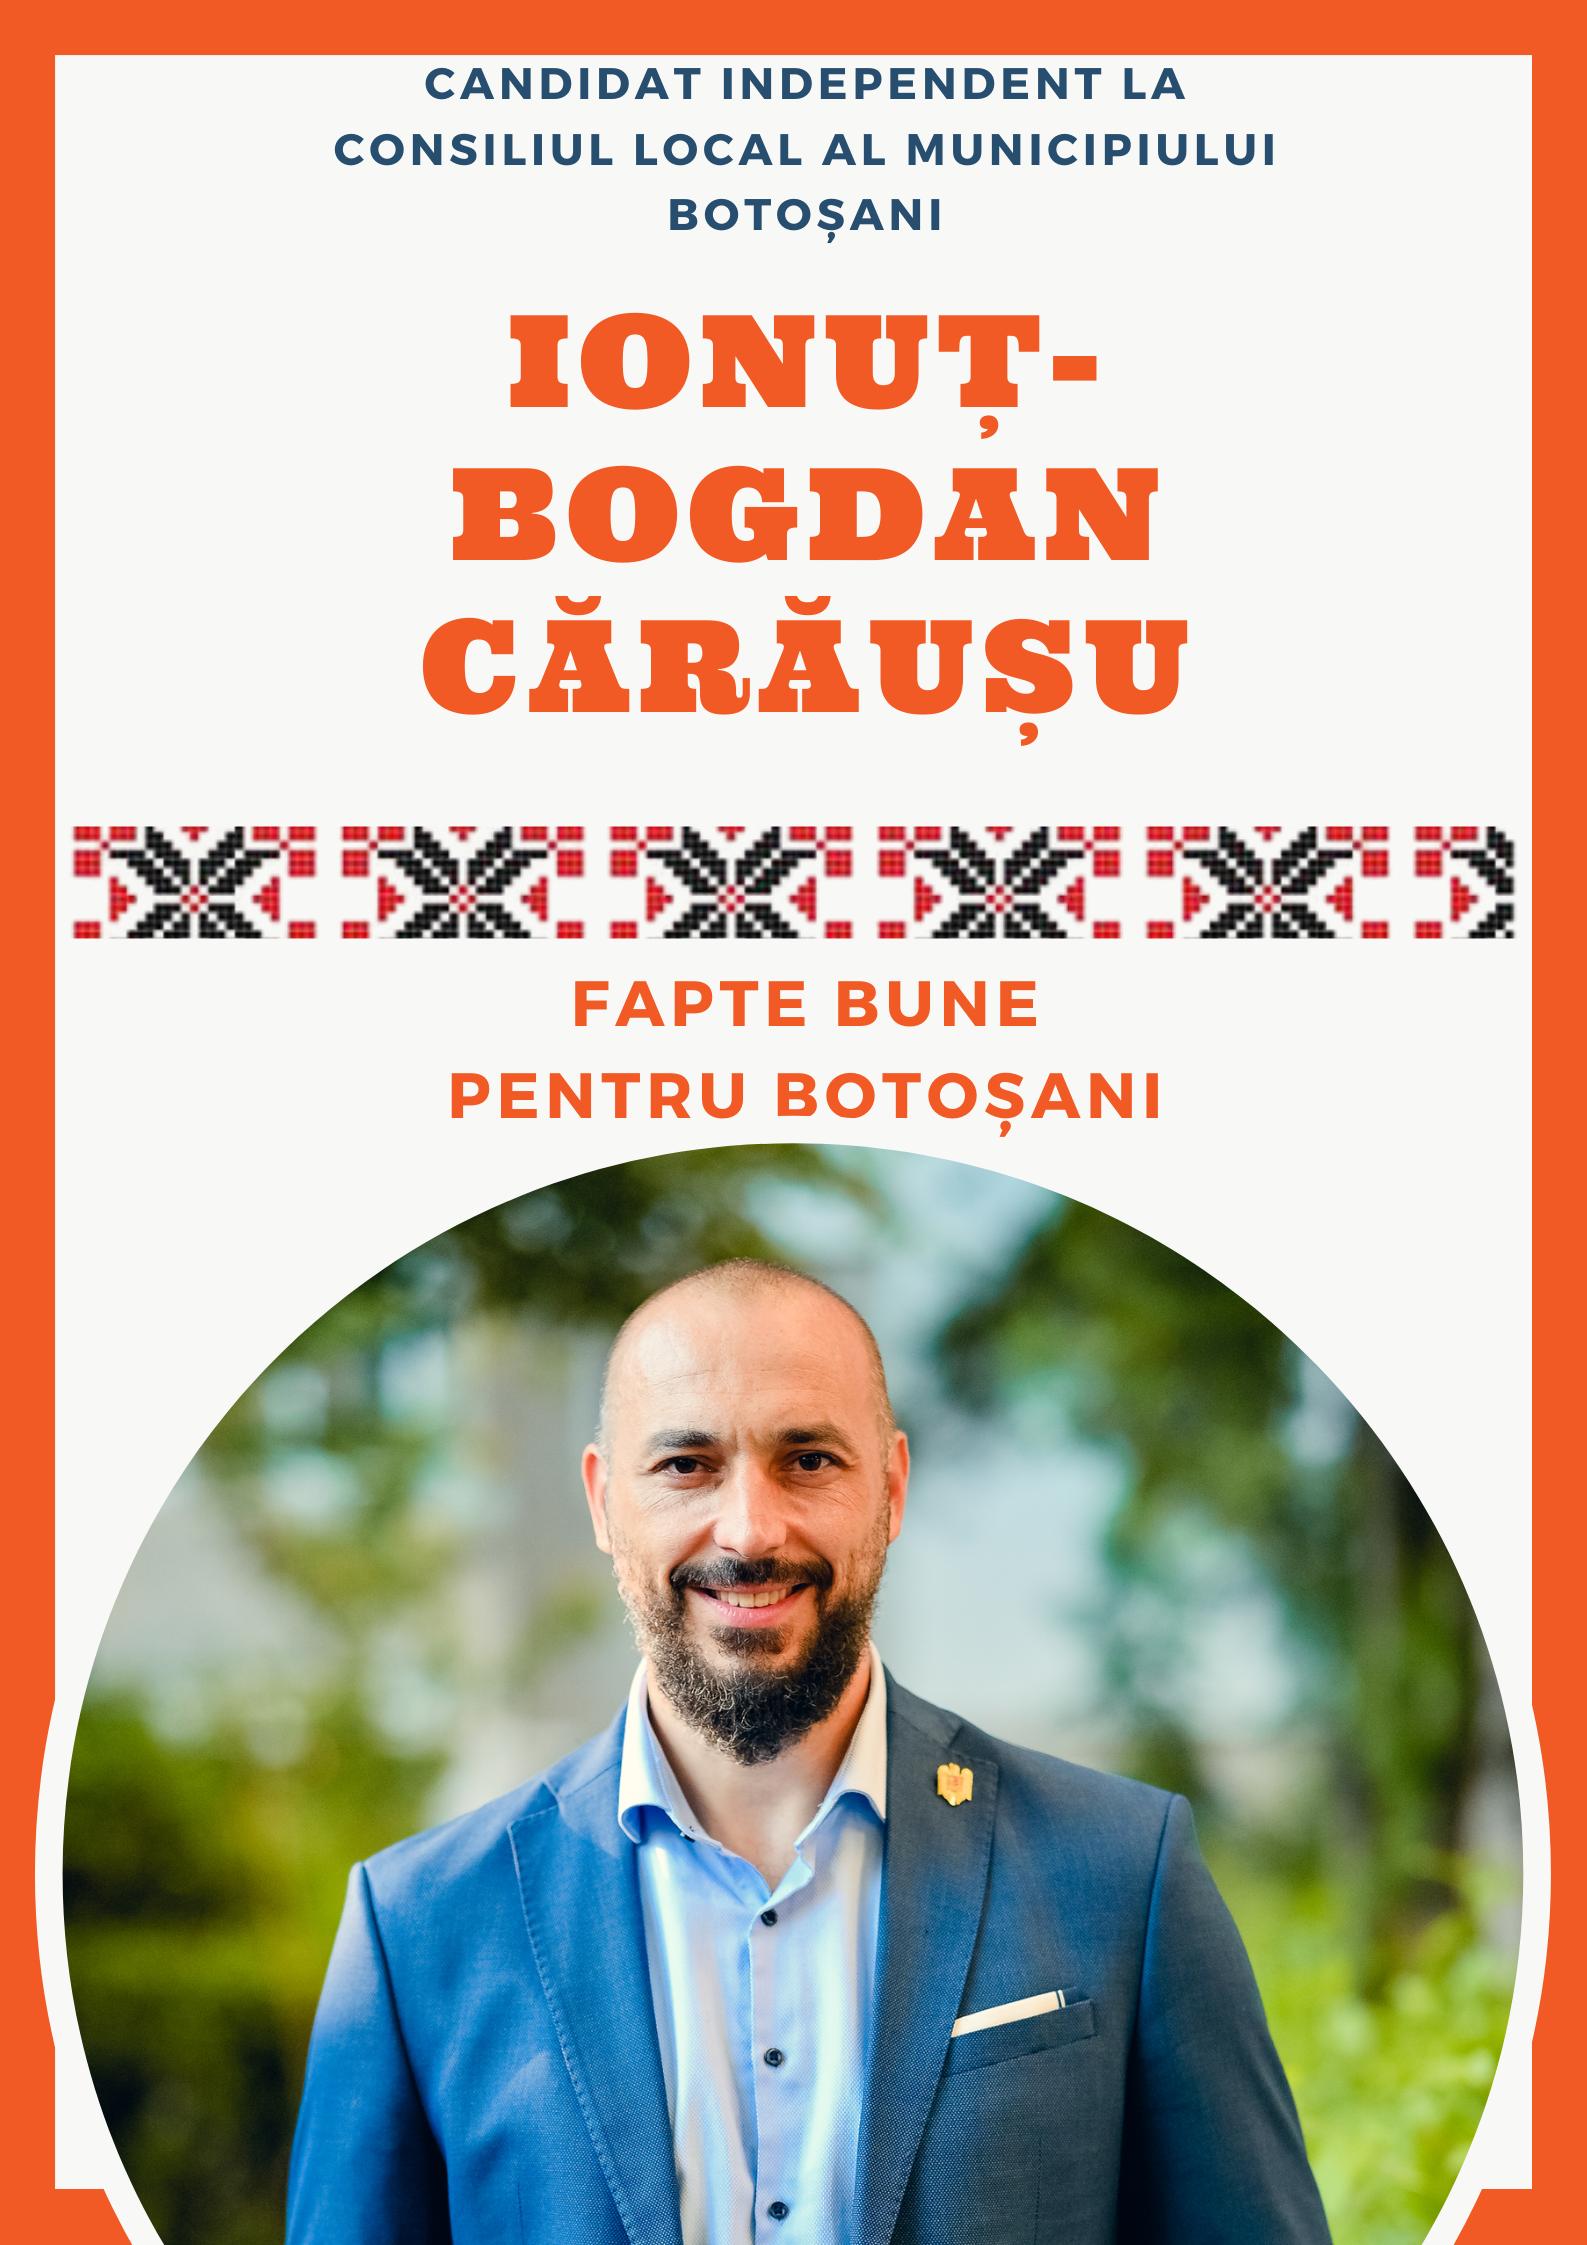 """Bogdan Cărăușu, candidat independent pentru Consiliul Local Botosani: """"Vreau să devin consilier, nu pentru a face politică așa cum înțeleg politicienii noștri, ci pentru a duce modul în care văd eu politica în Consiliul Local"""""""